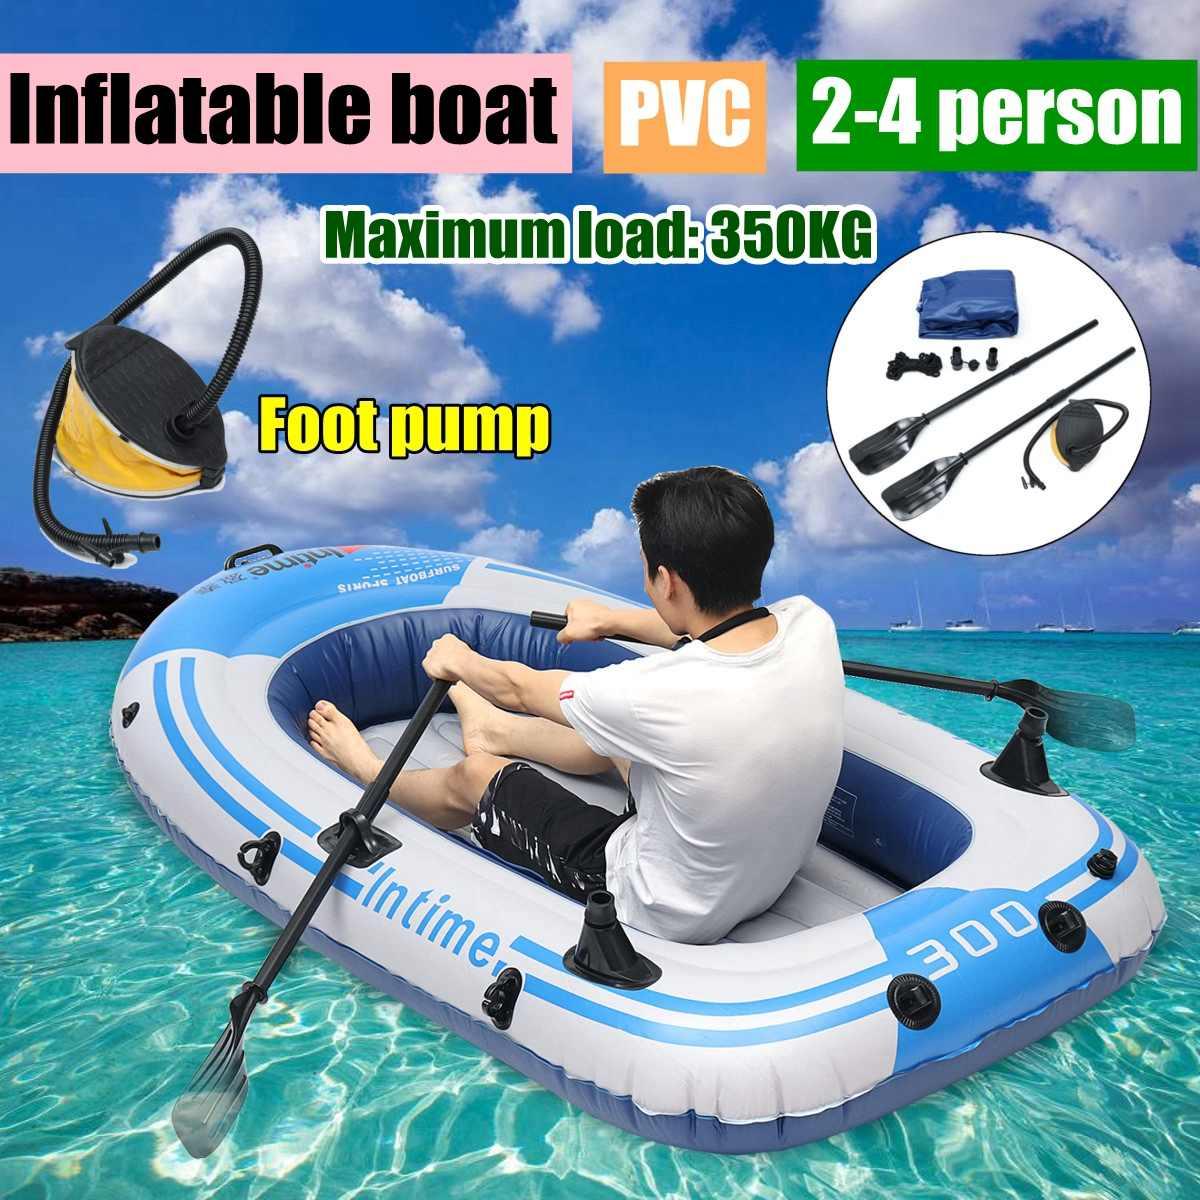 Fishman Sports bateau de pêche gonflable radeau PVC canot canot tendre 2/3/4 personne Kayak bateaux de pêche coussin bateaux à rames